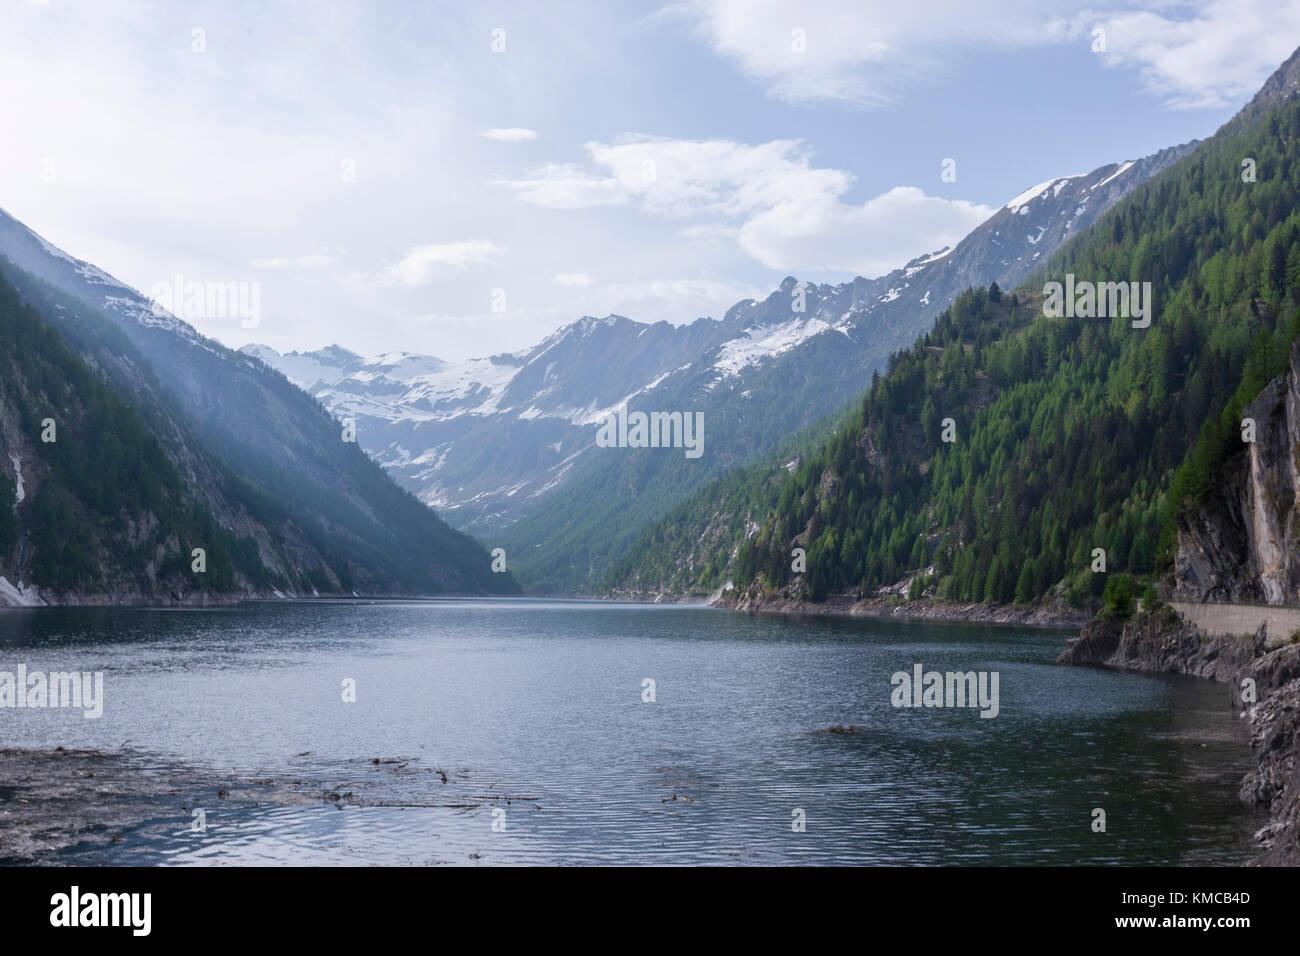 Lago del Sambuco es un depósito encima Fusio, en el municipio de Lavizzara, Tesino, Suiza. Foto de stock